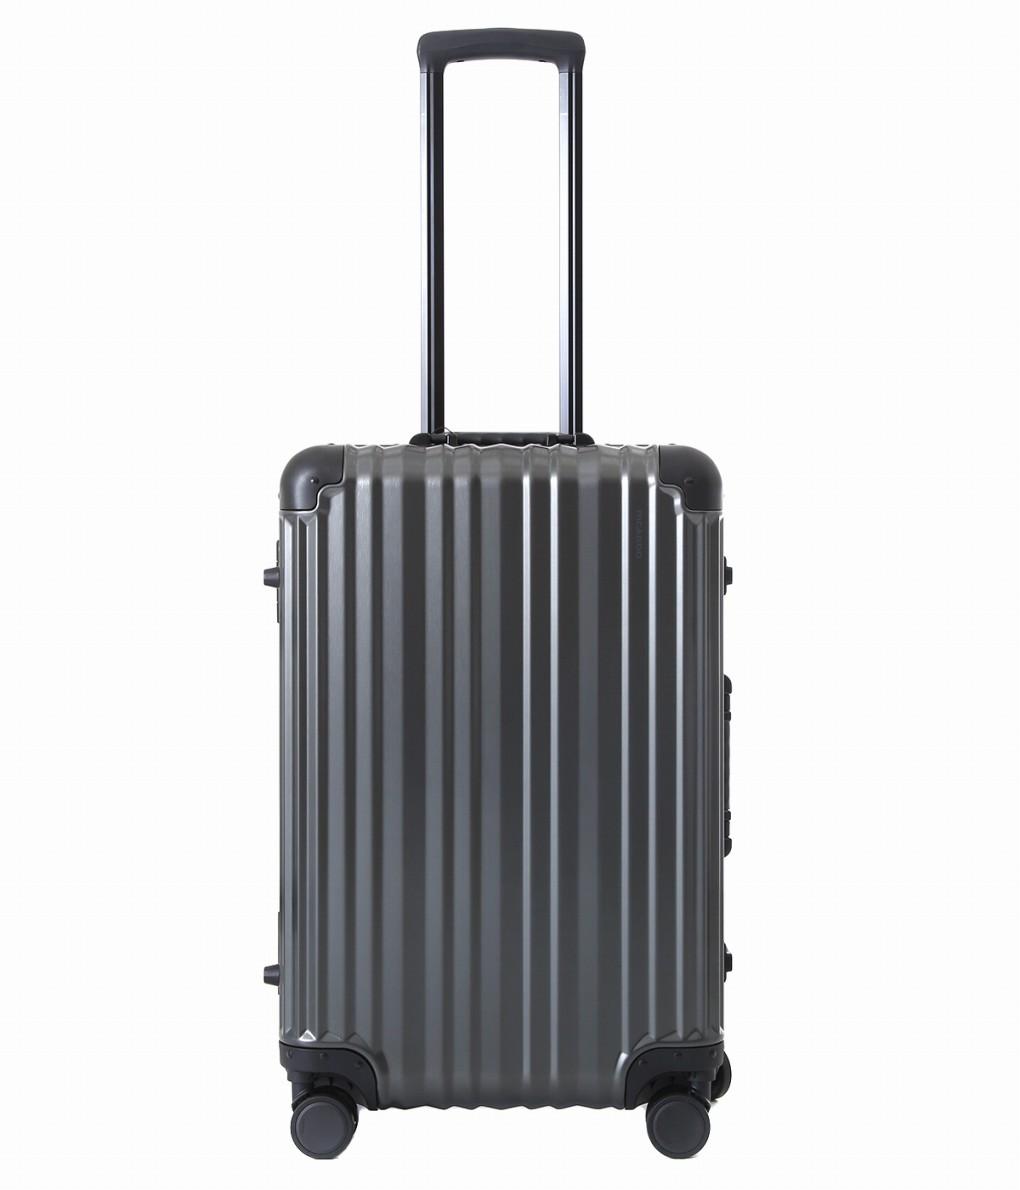 RICARDO / リカルド : Aileron Vault 24-inch Spinner Suitcase : エルロン ボールト 24インチ スピナー スーツケース ハードケース トラベルケース トラベルバッグ キャリーバッグ メンズ : 18982021494 【MUS】